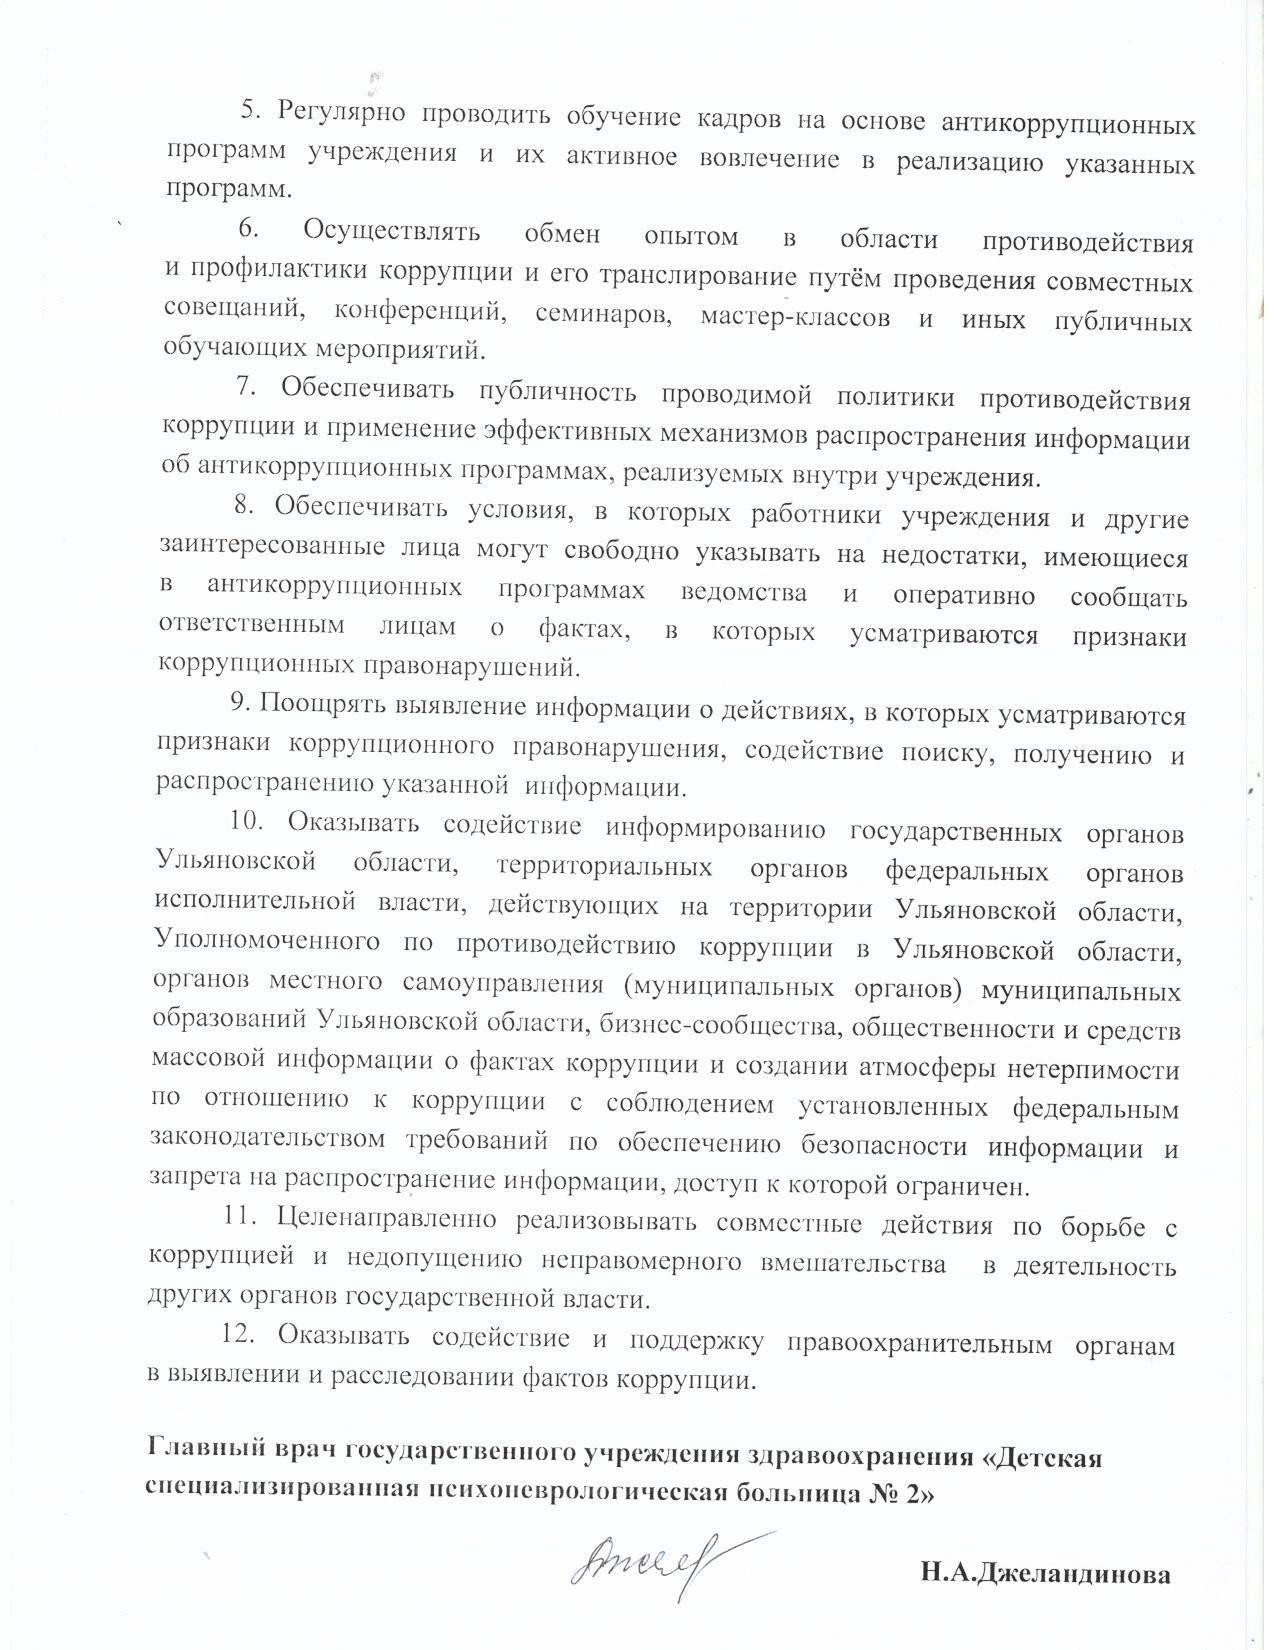 Декларация присоединения к антикоррупционному договору 001